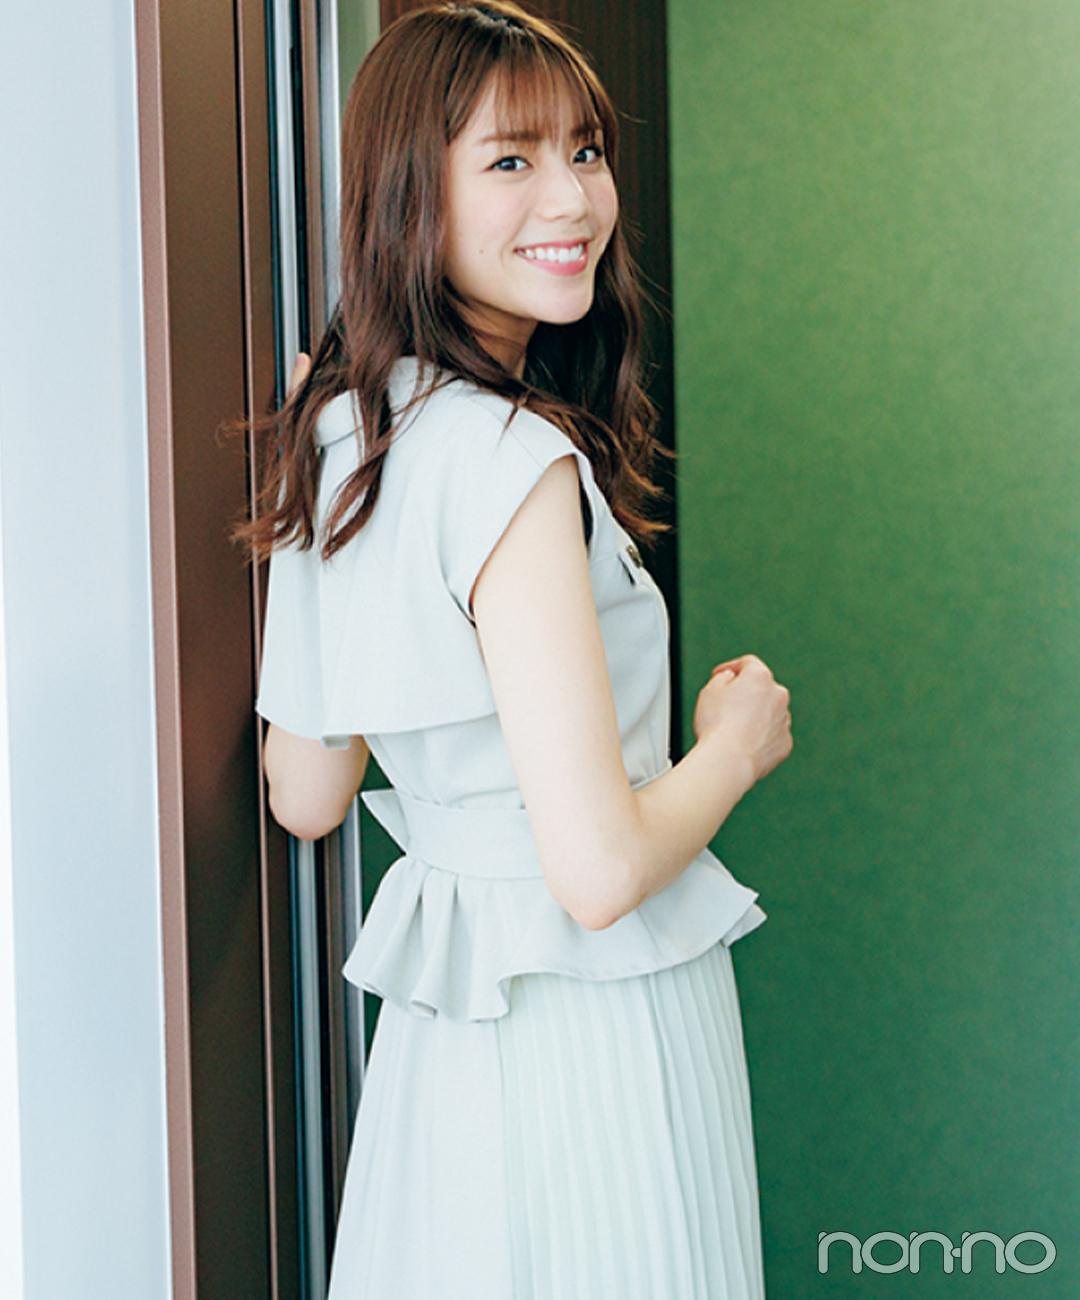 Photo Gallery 天気予報の女神&大人気モデル! 貴島明日香フォトギャラリー_1_27